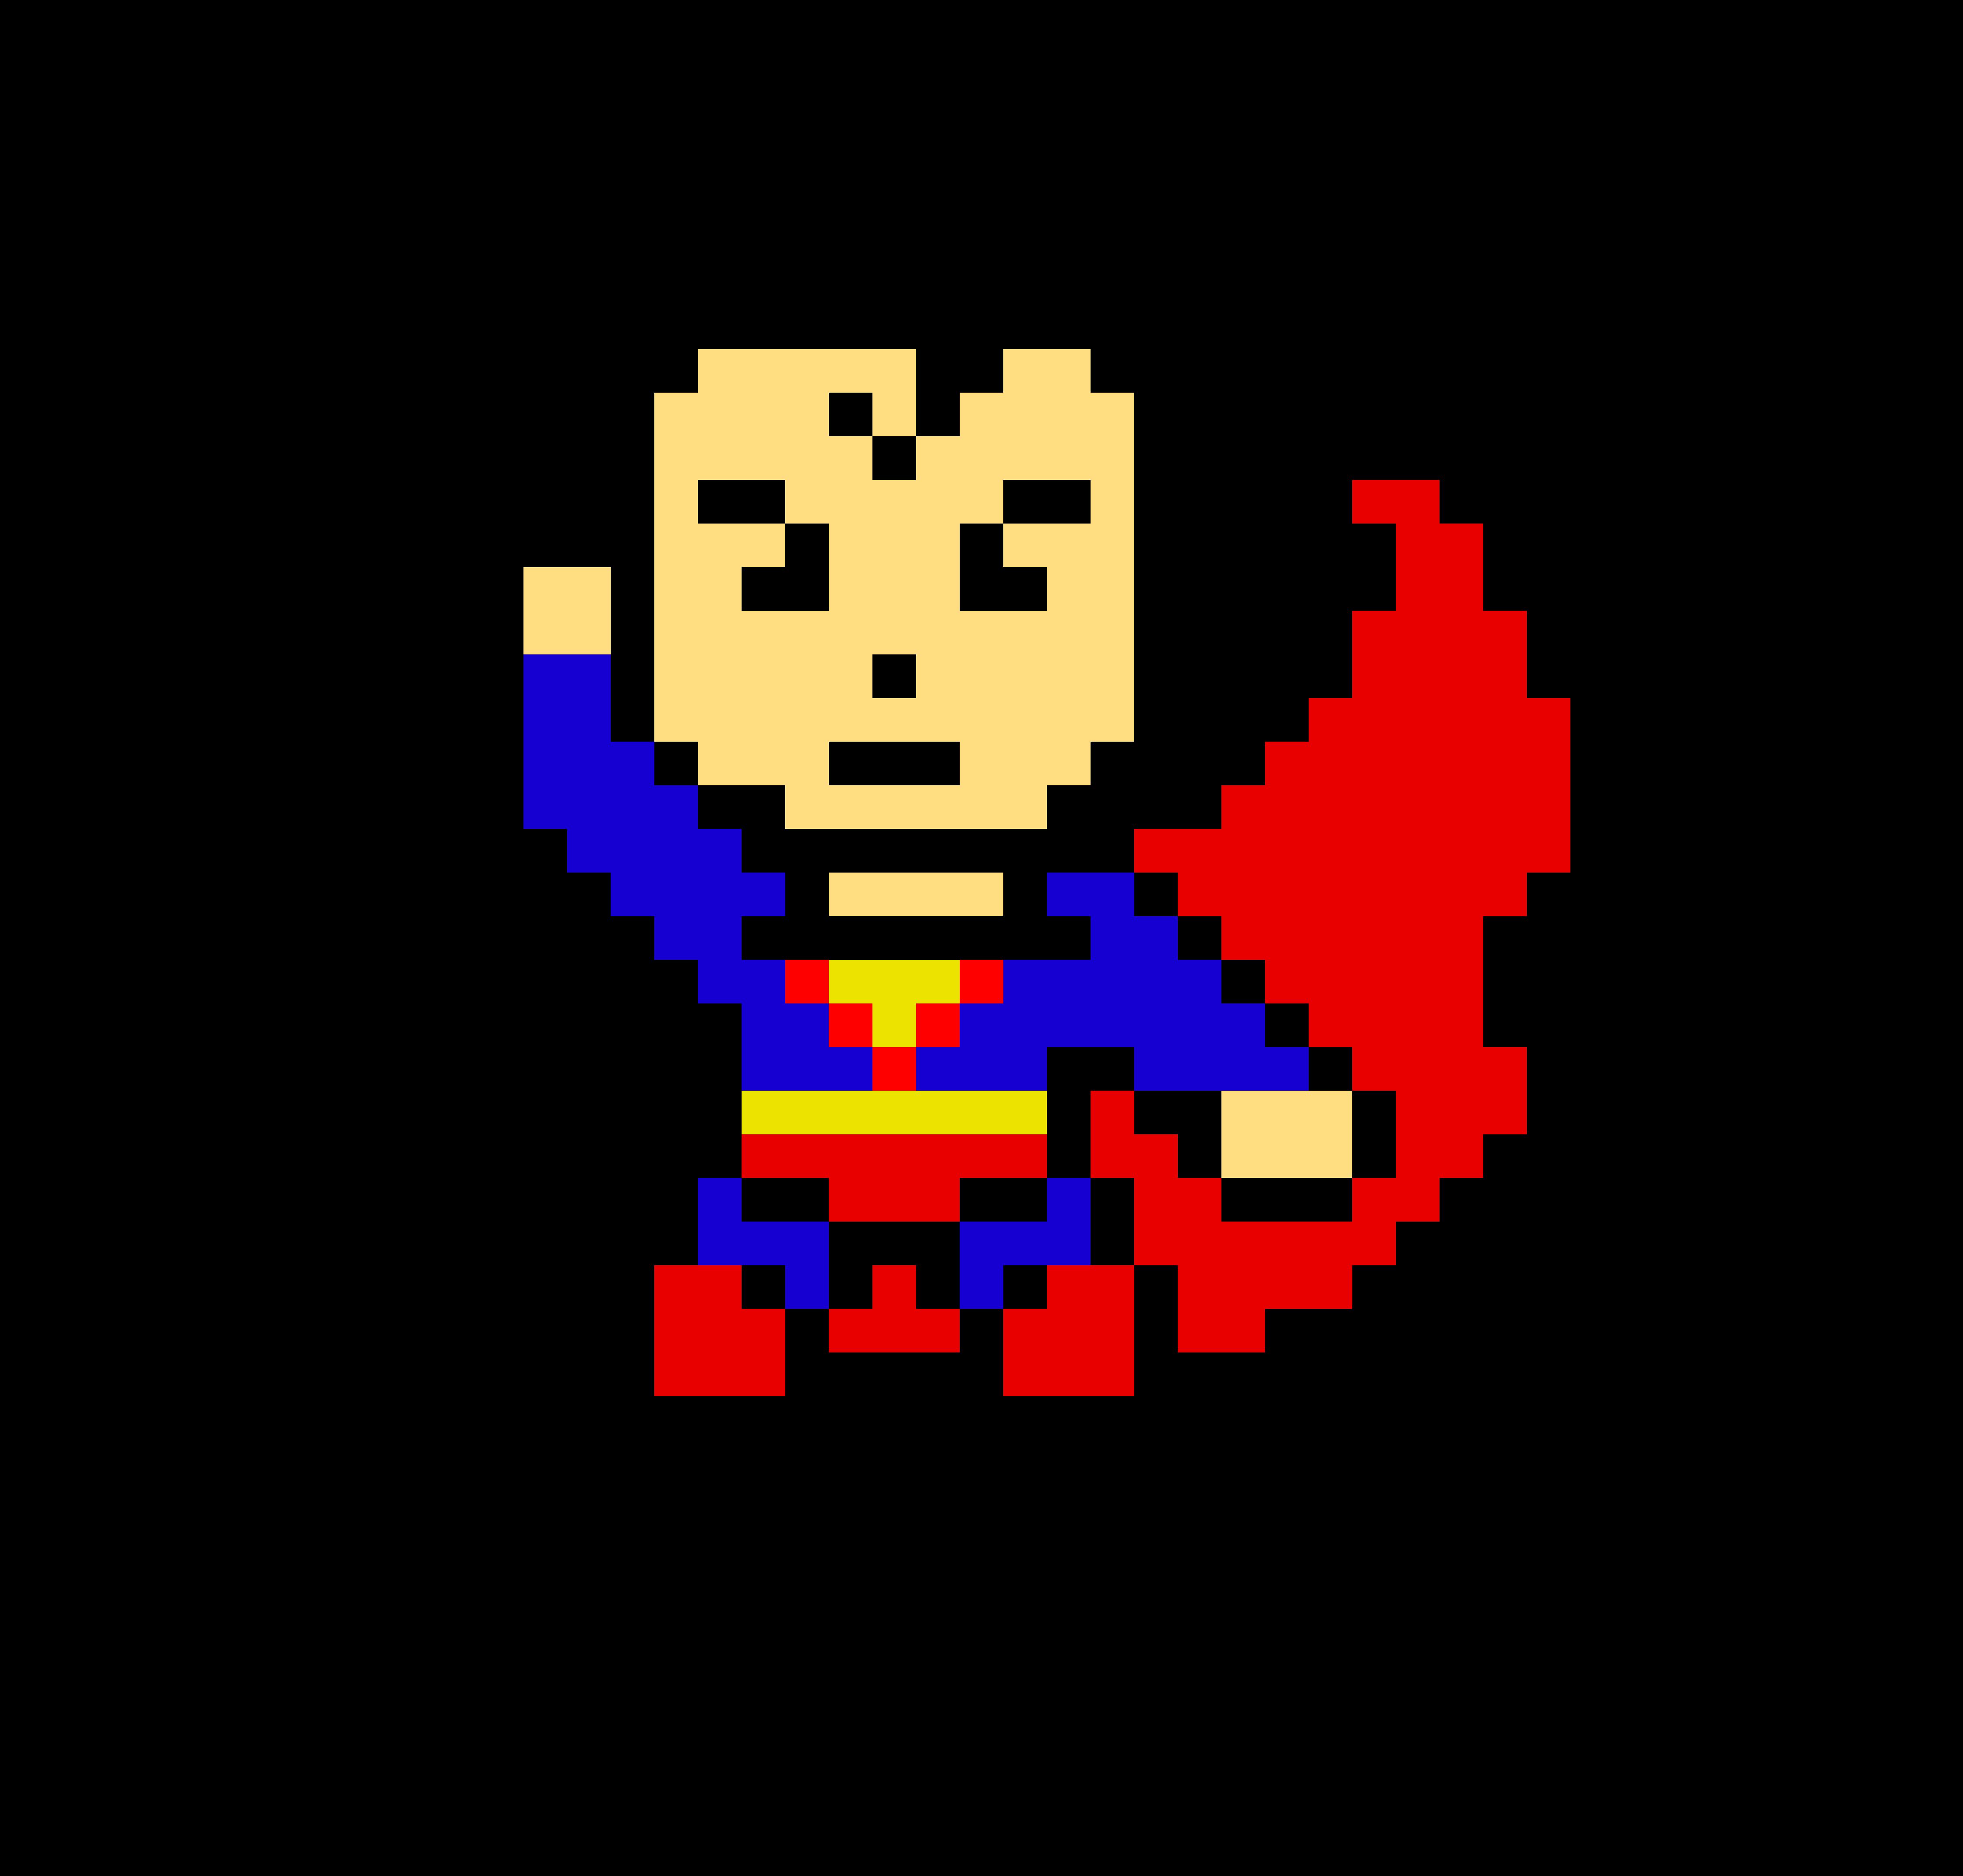 Superman Pixel Art Maker